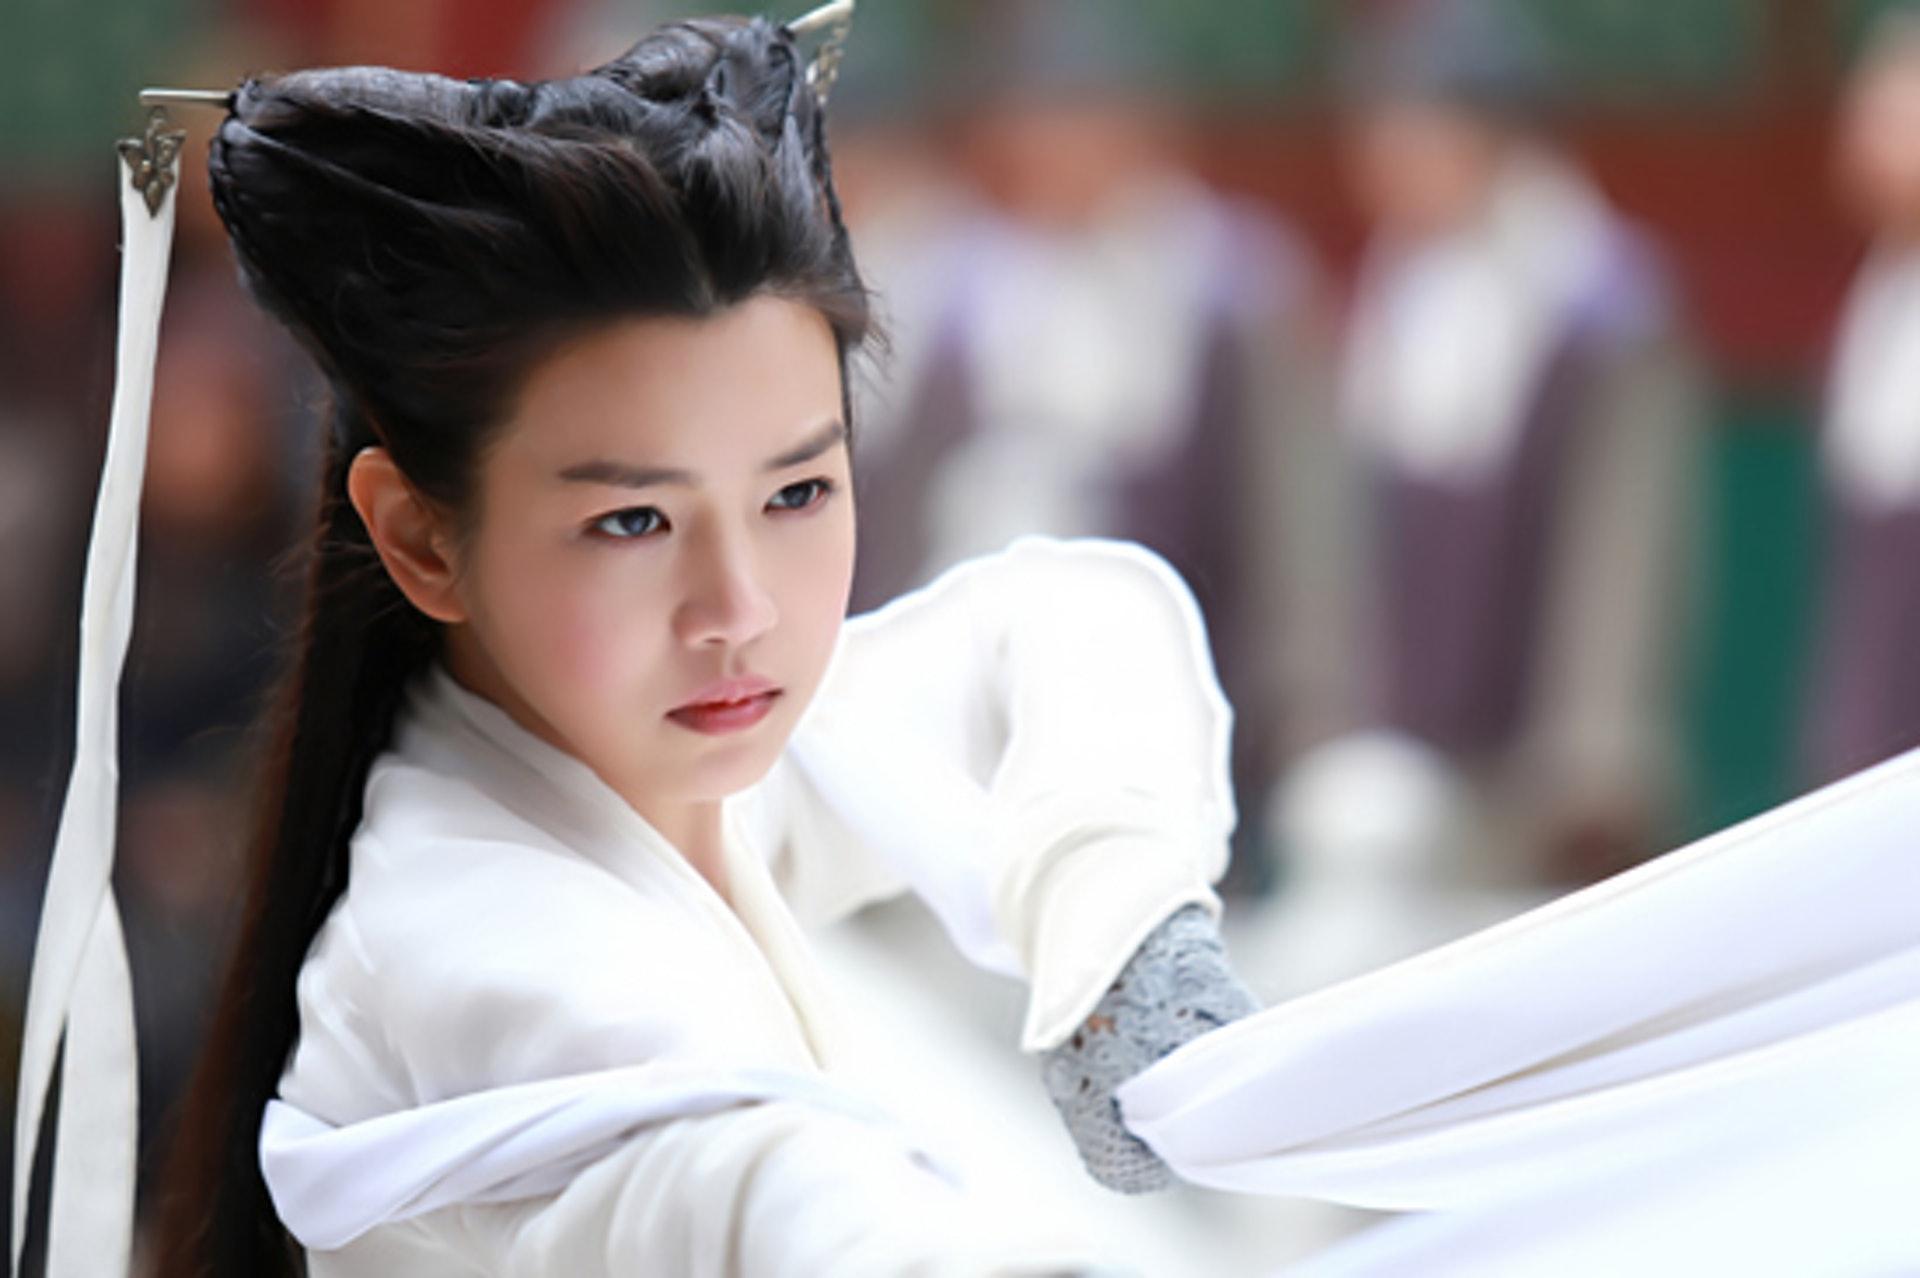 被稱為「小籠包」的陳妍希版的小龍女。(網上圖片)